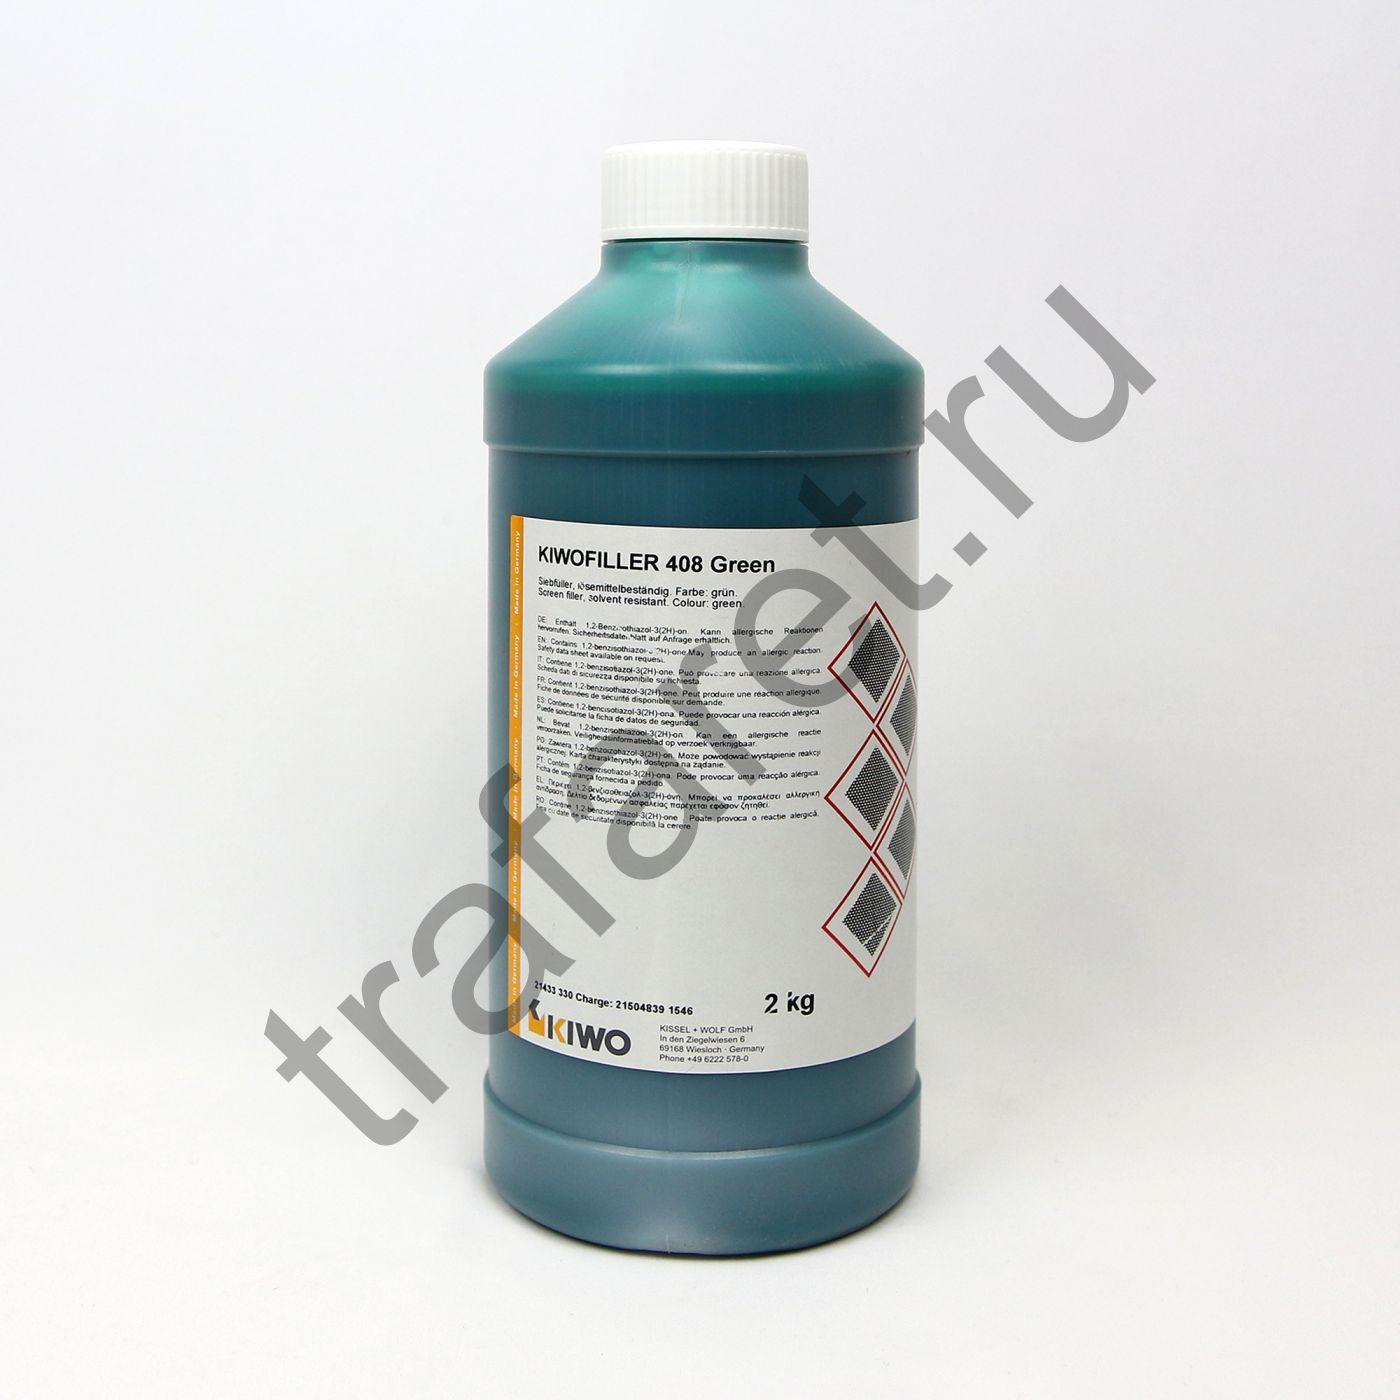 KIWOFILLER 408 Green  Ретушь, устойчивая к краскам на основе растворителей. Упаковка 2 кг. Водорастворимая, средняя вязкость.